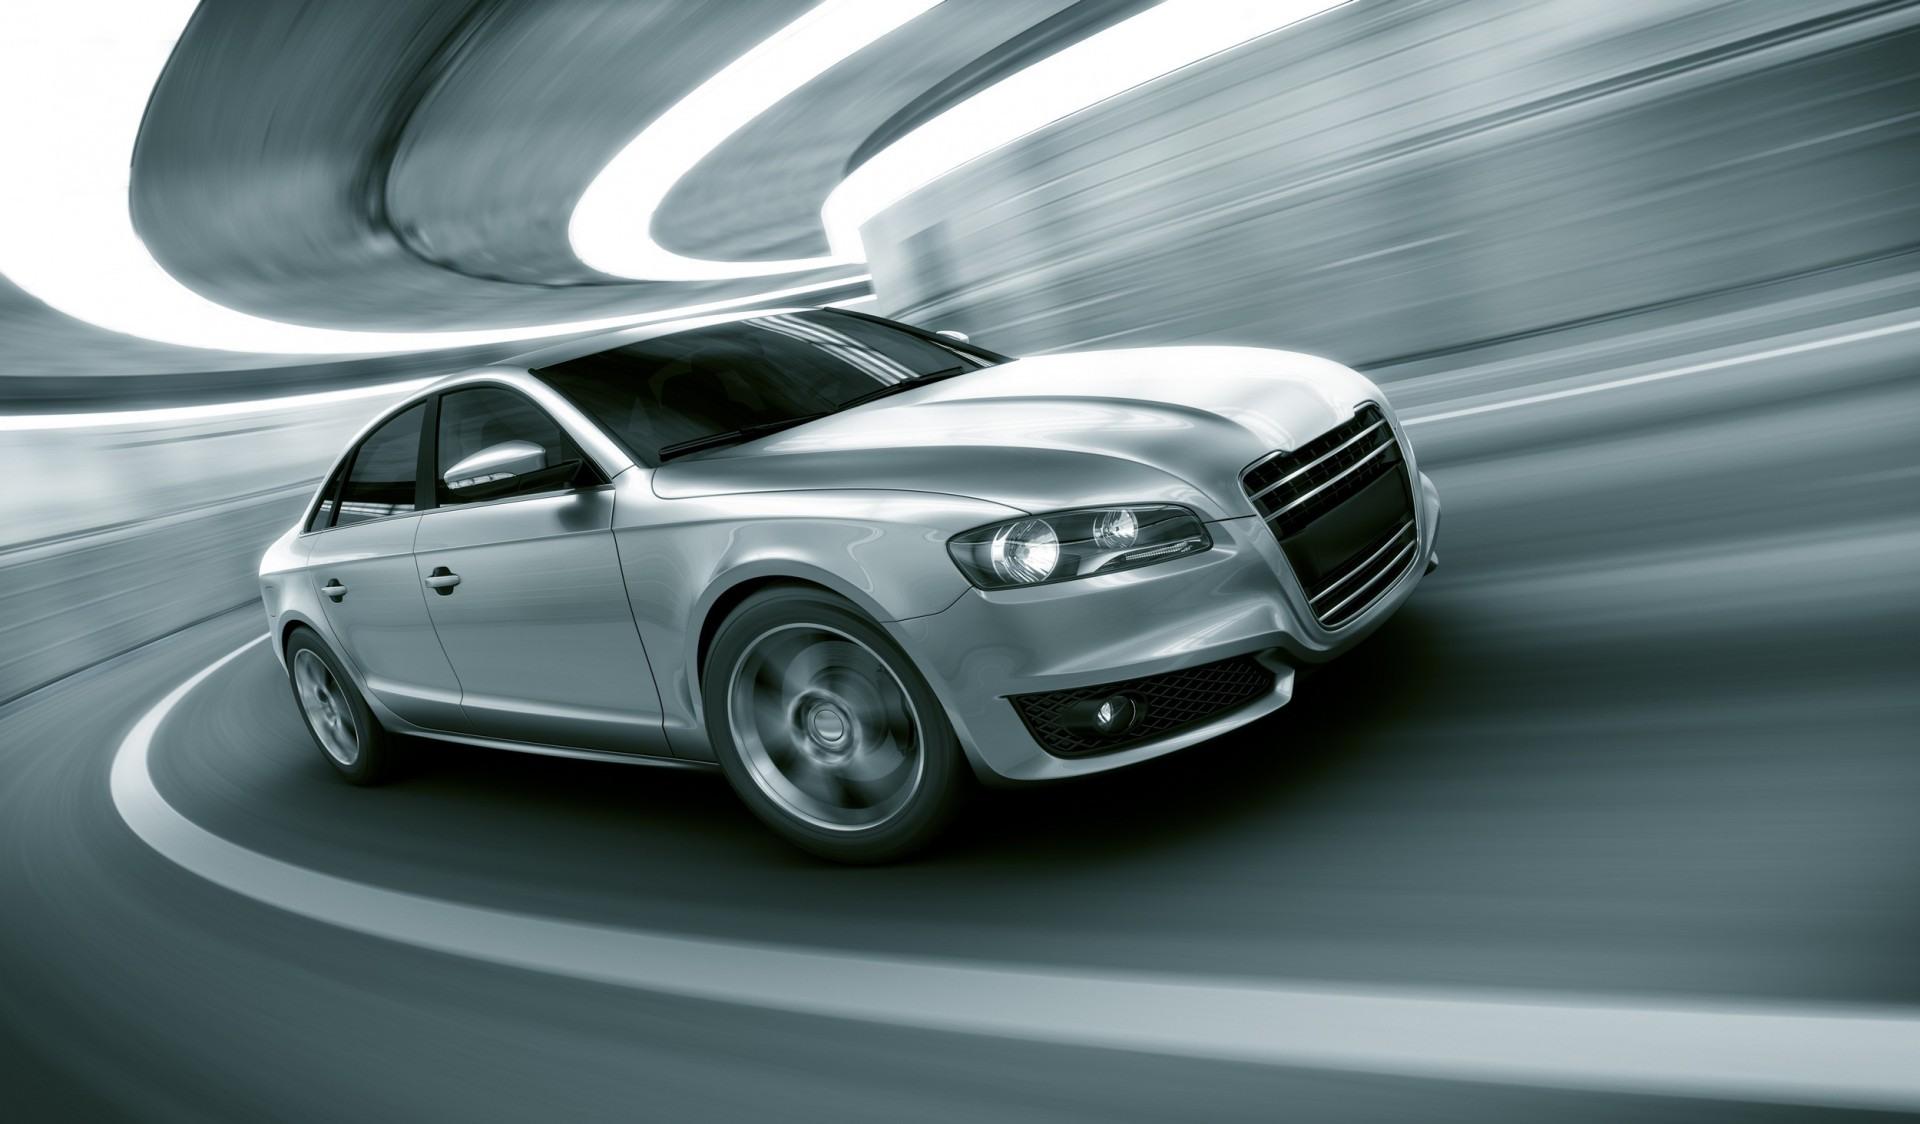 Światła ksenonowe we współczesnych samochodach